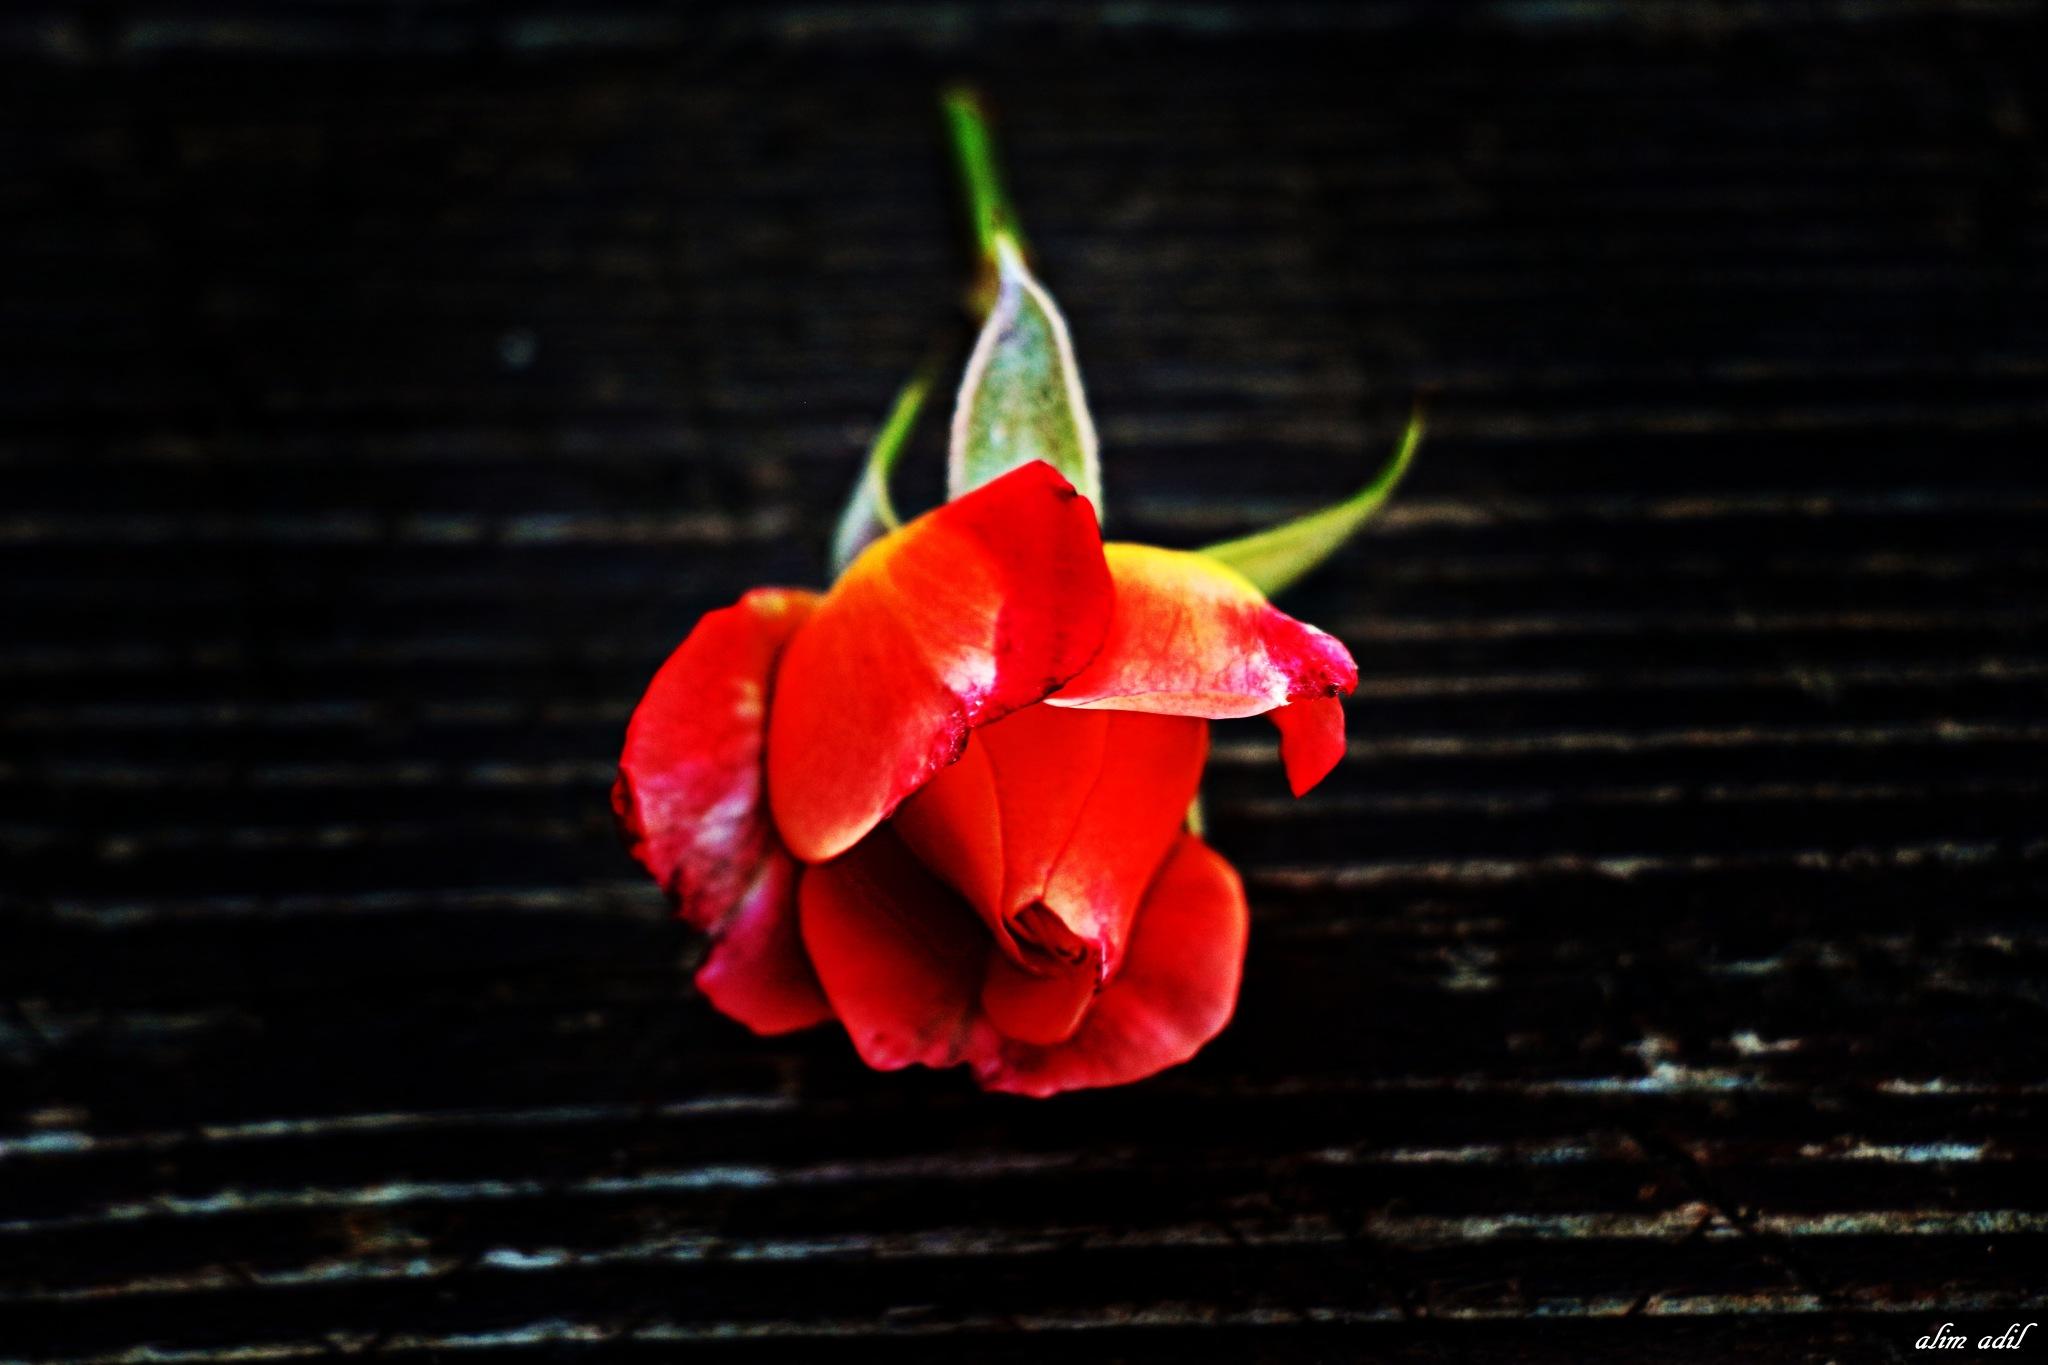 red rose by alim adil